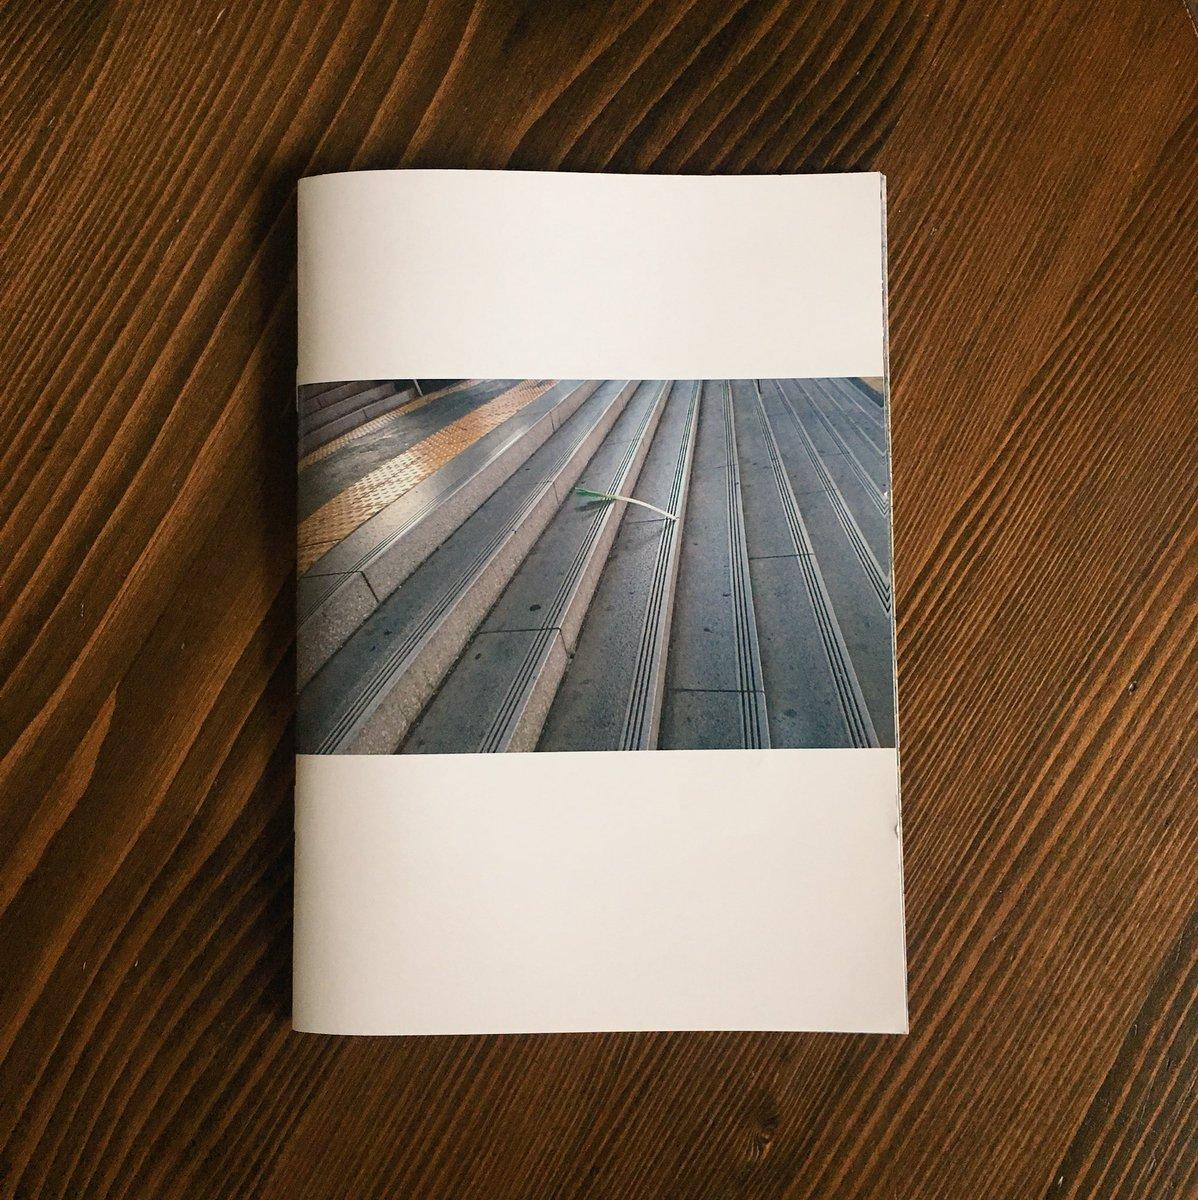 ネギが道に落ちてる画像を集めたフリーペーパー、完成しました✨とても素敵な一冊になったと思います。写真を提供していただいた方、興味を持って頂いた方々、ありがとうございます。